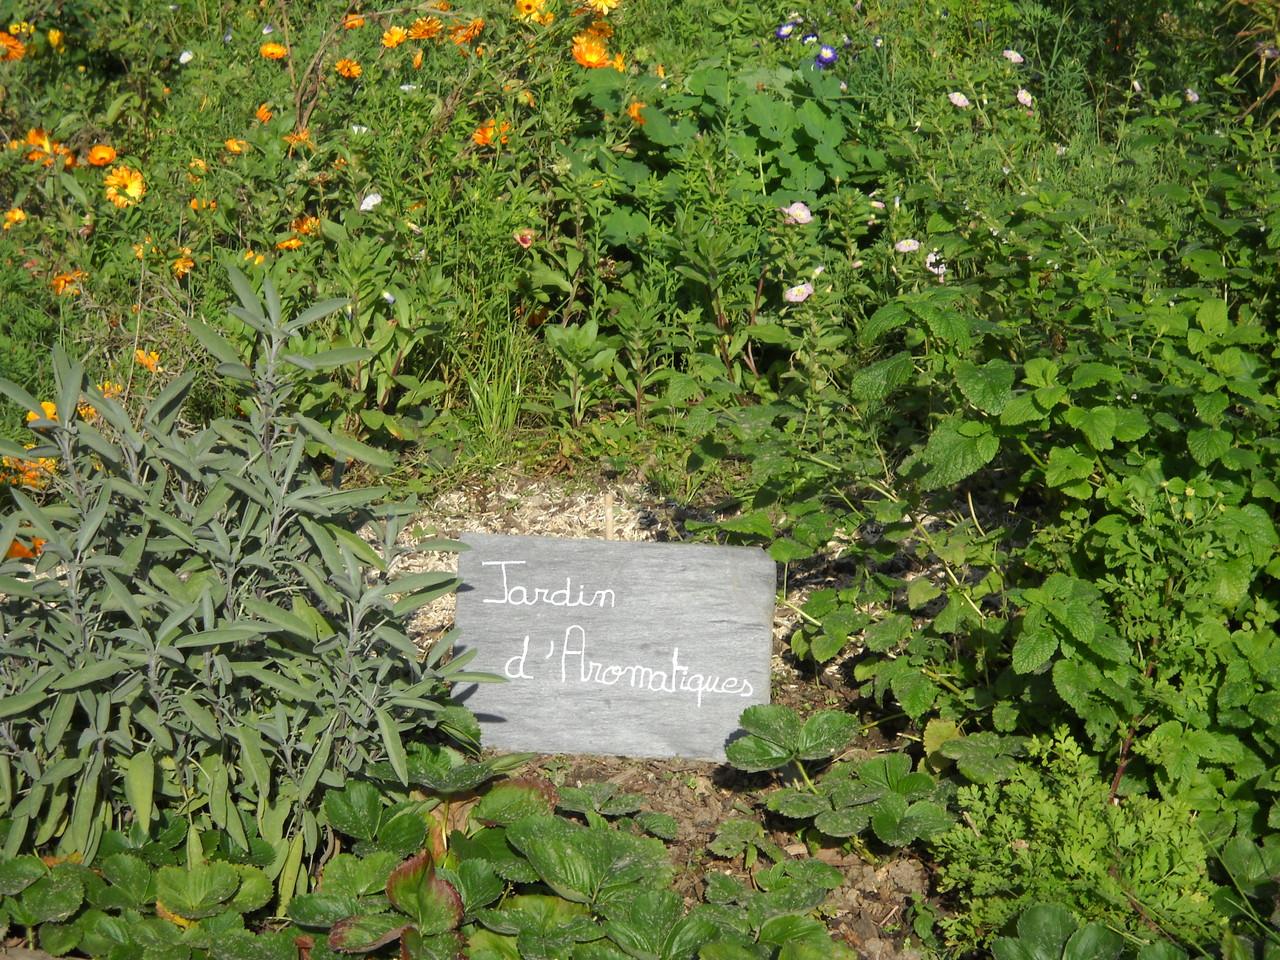 jardin aromatique gite ecologique Thierache